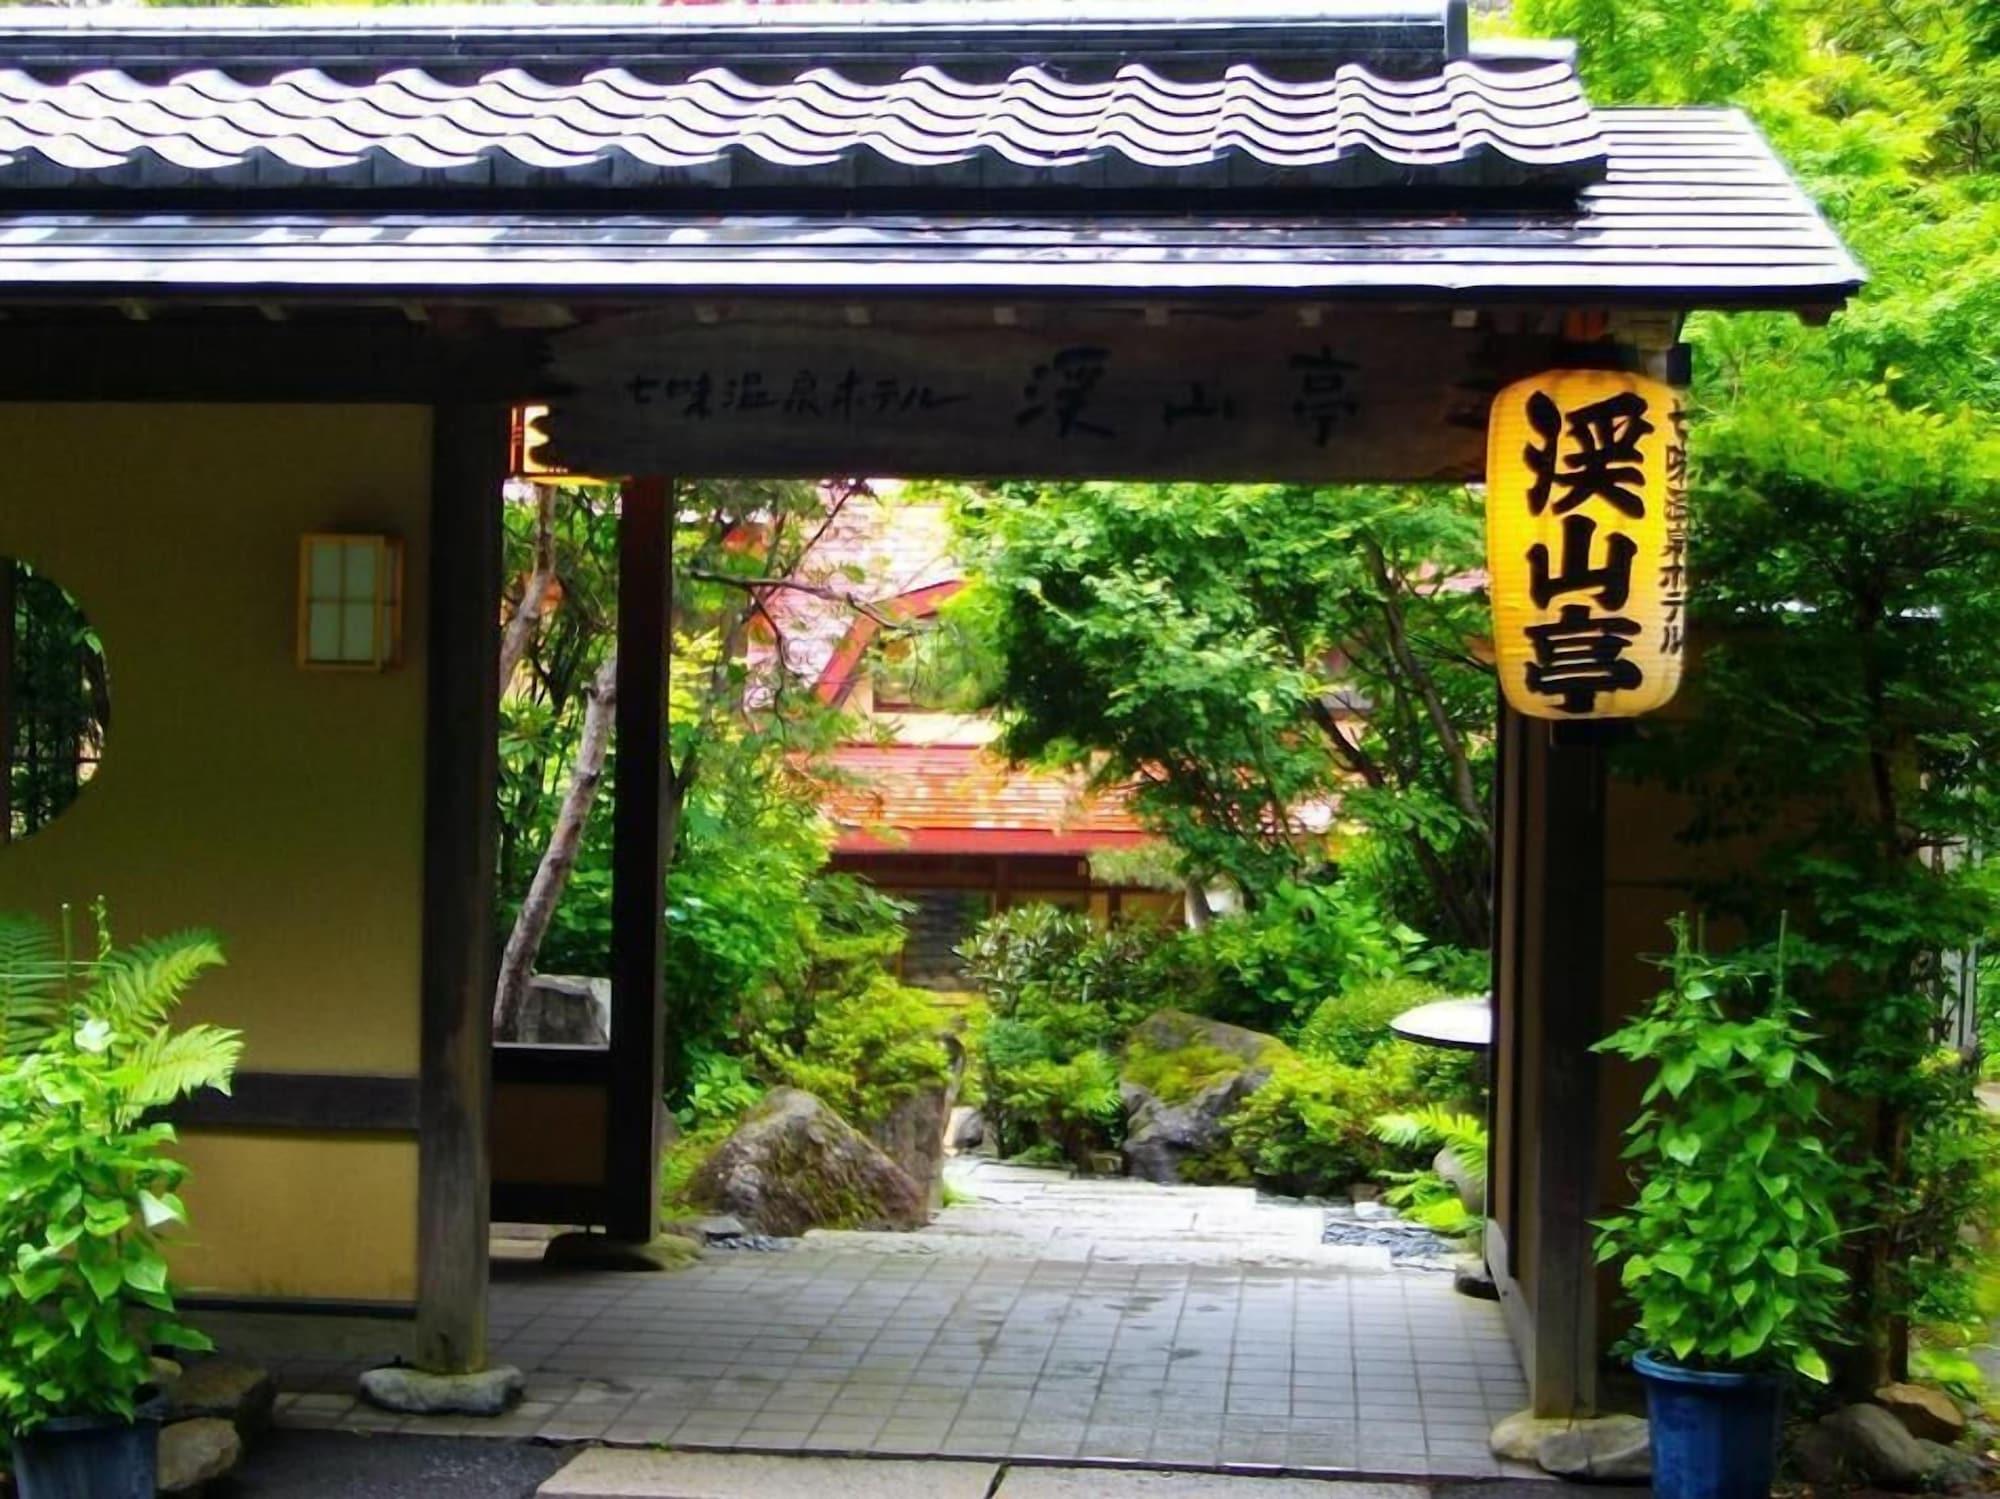 Shichimionsenhotel Keizantei, Takayama